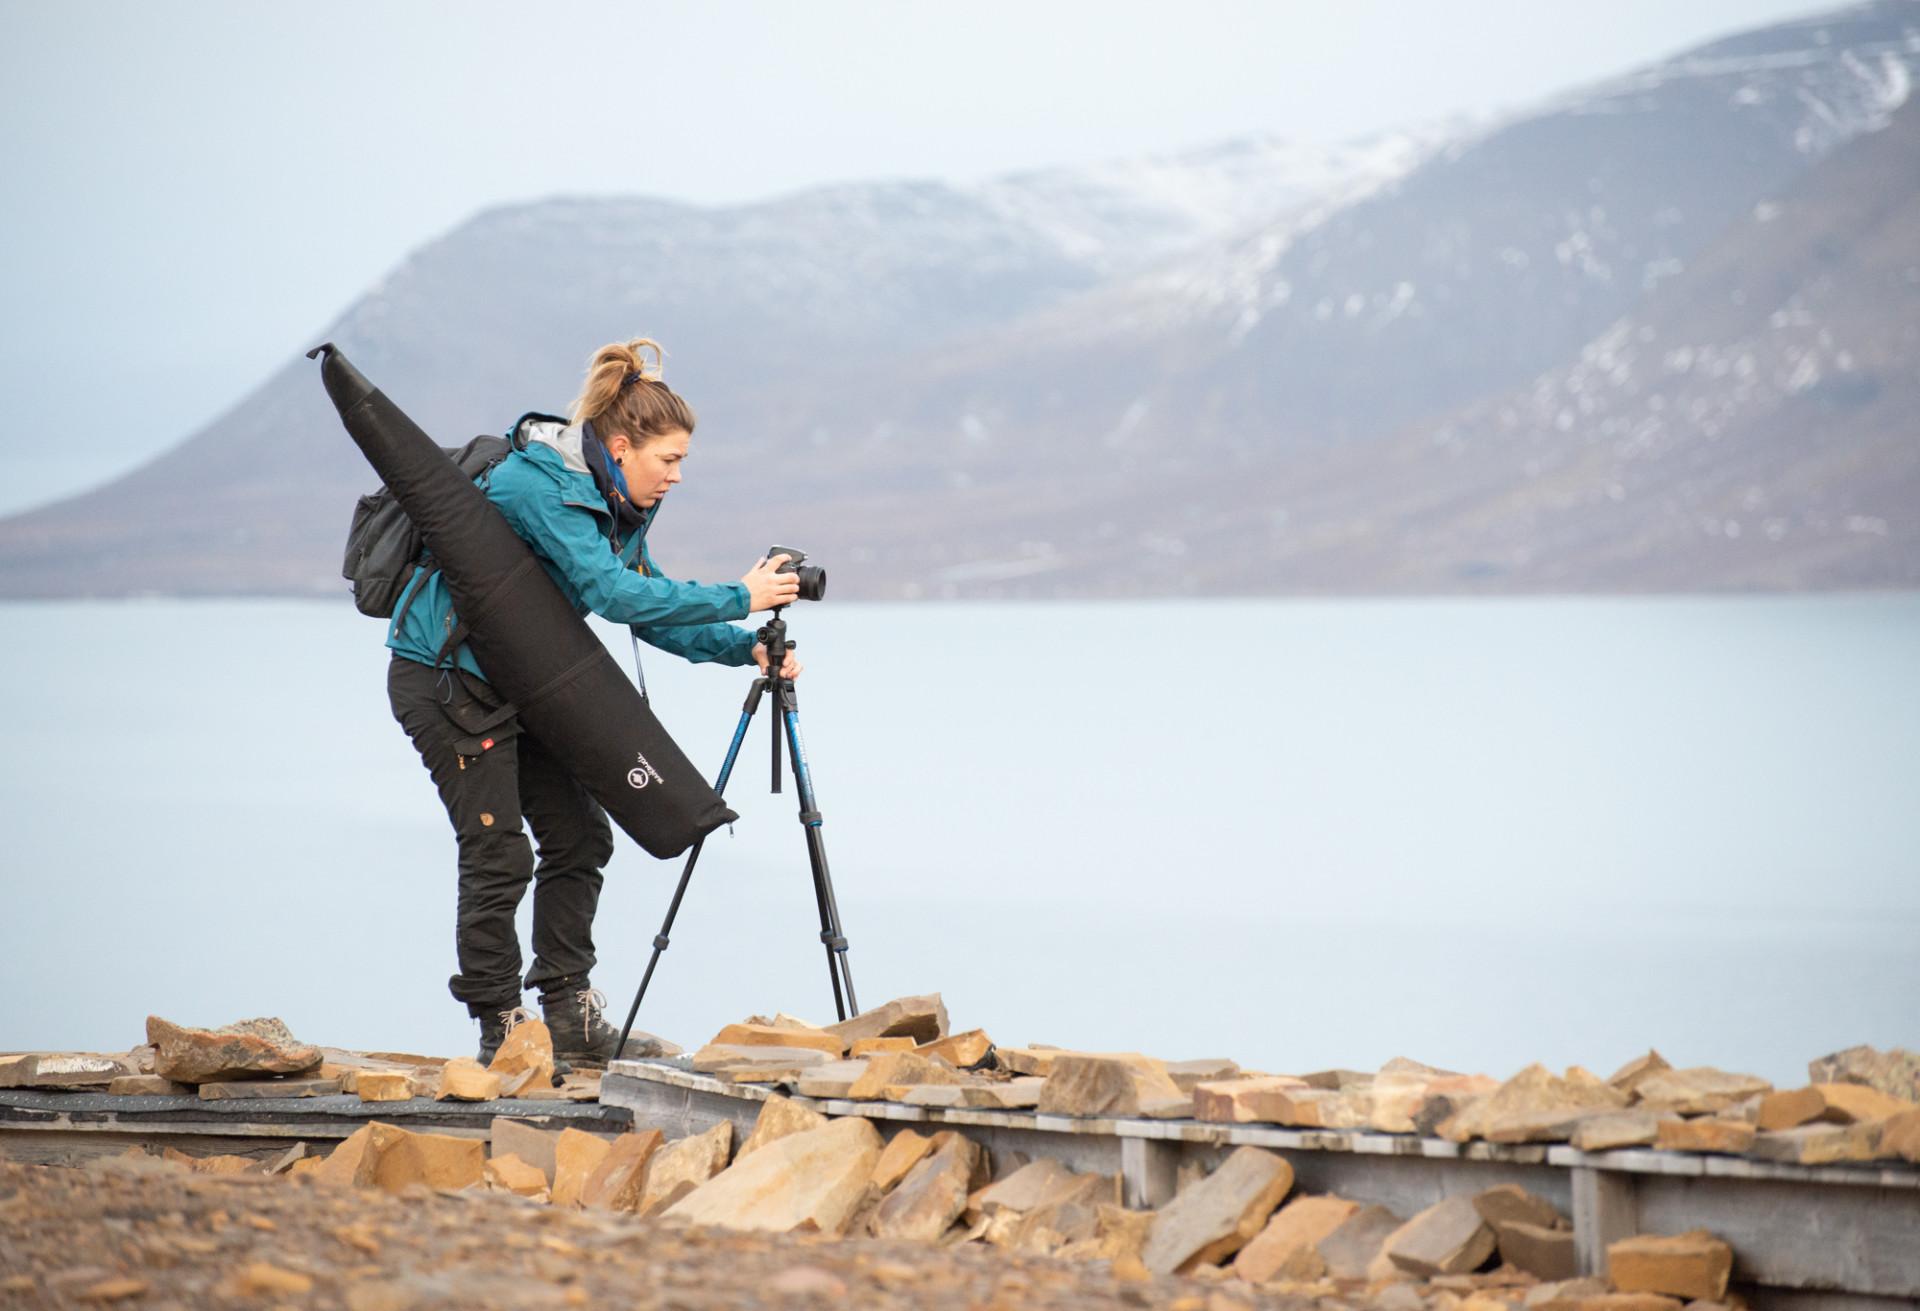 Camilla Andersen förbereder fotografering vid sjö